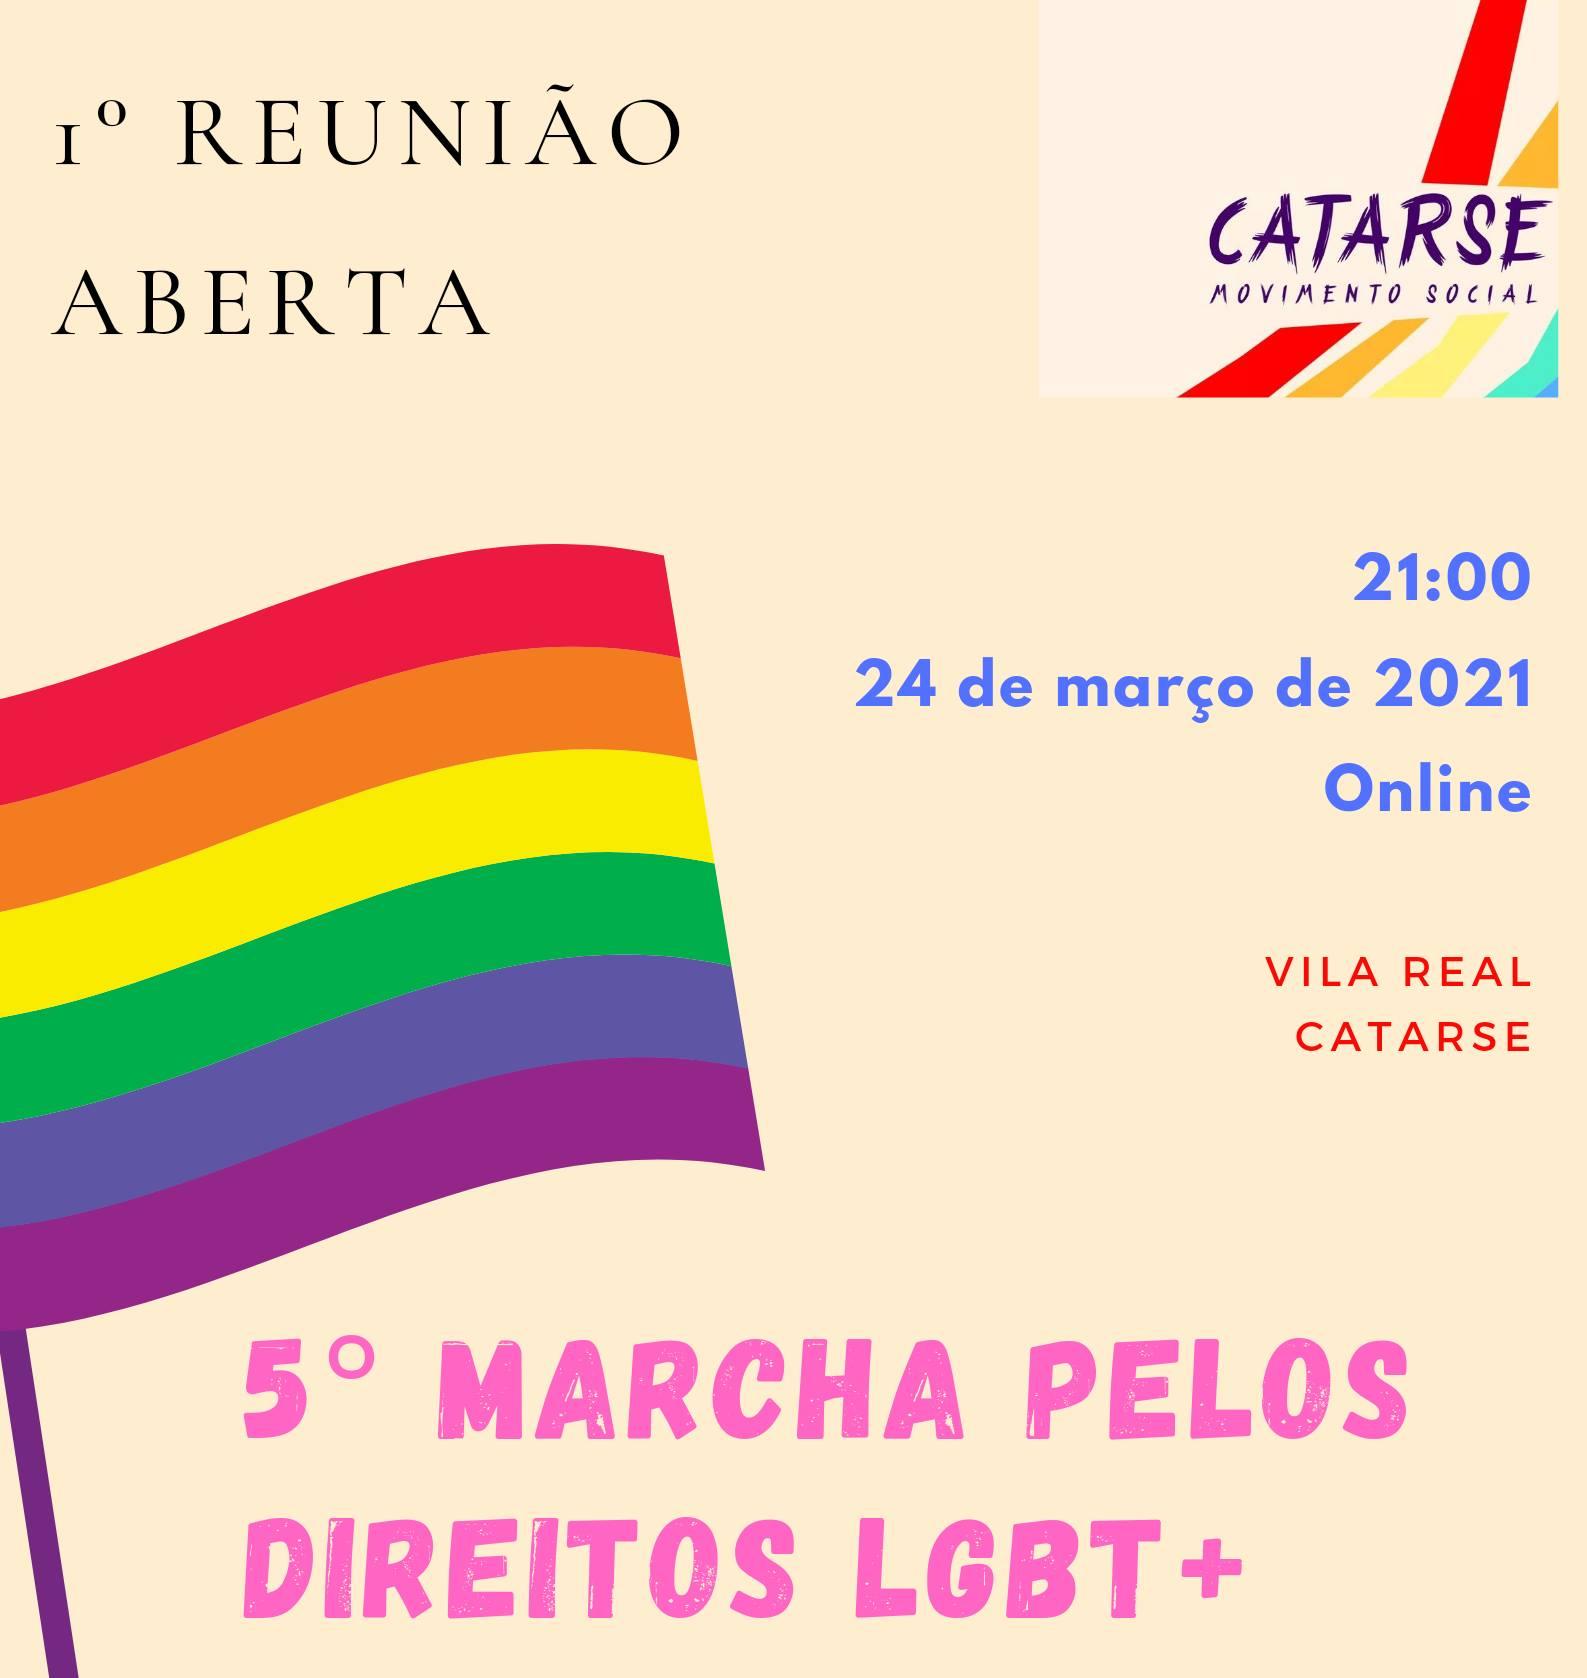 Começam os preparativos para a 5.ª Marcha pelos Direitos LGBT+ em Vila Real